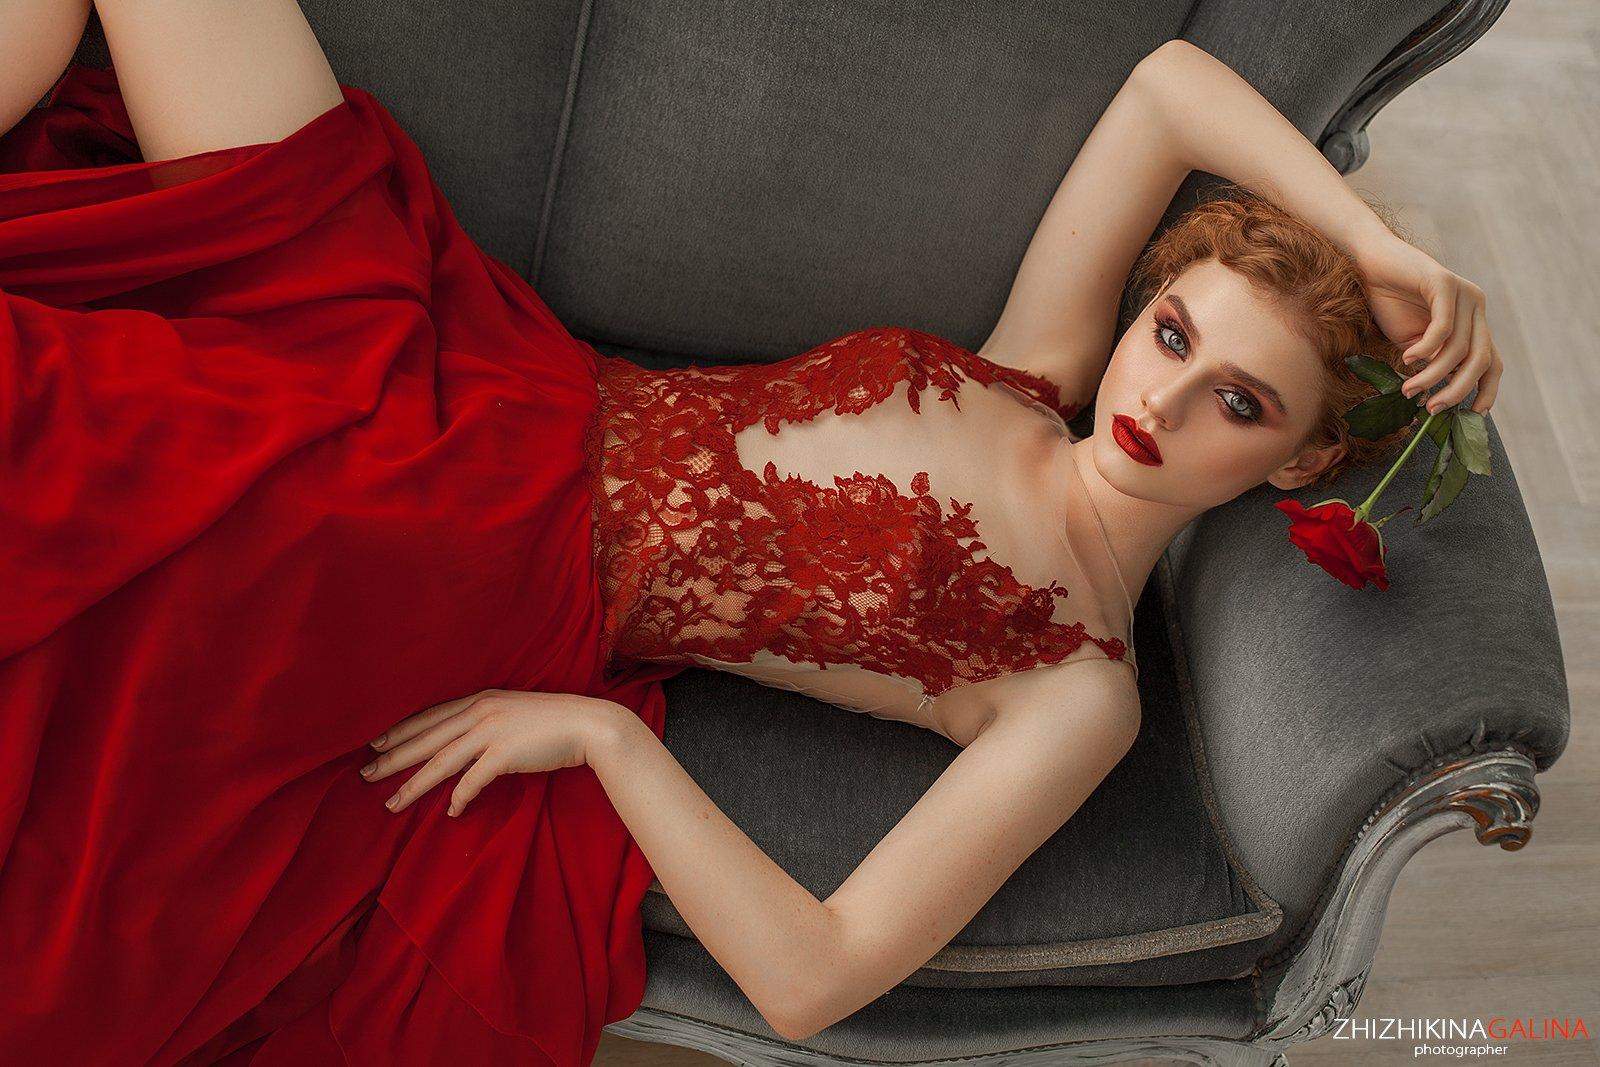 роза, девушка, лицо, красное, красивая, портрет, гламур, фотограф, москва, face, red, girl, portrait, Галина Жижикина